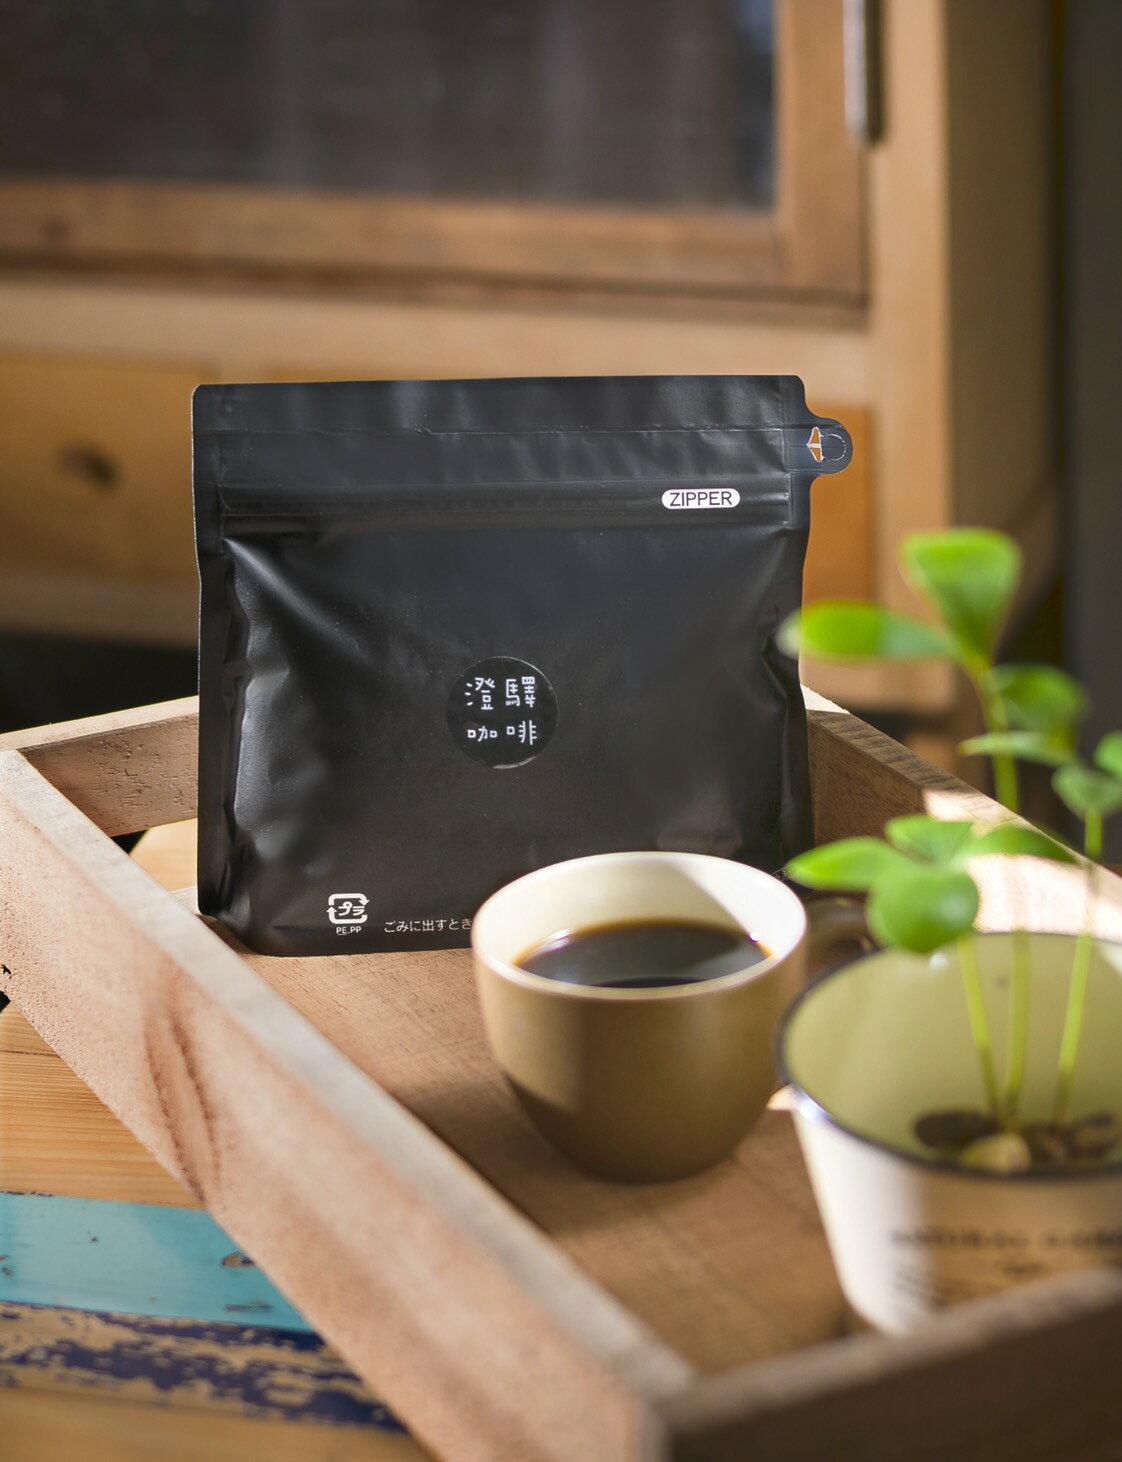 澄驛咖啡-驛咖啡豆200g